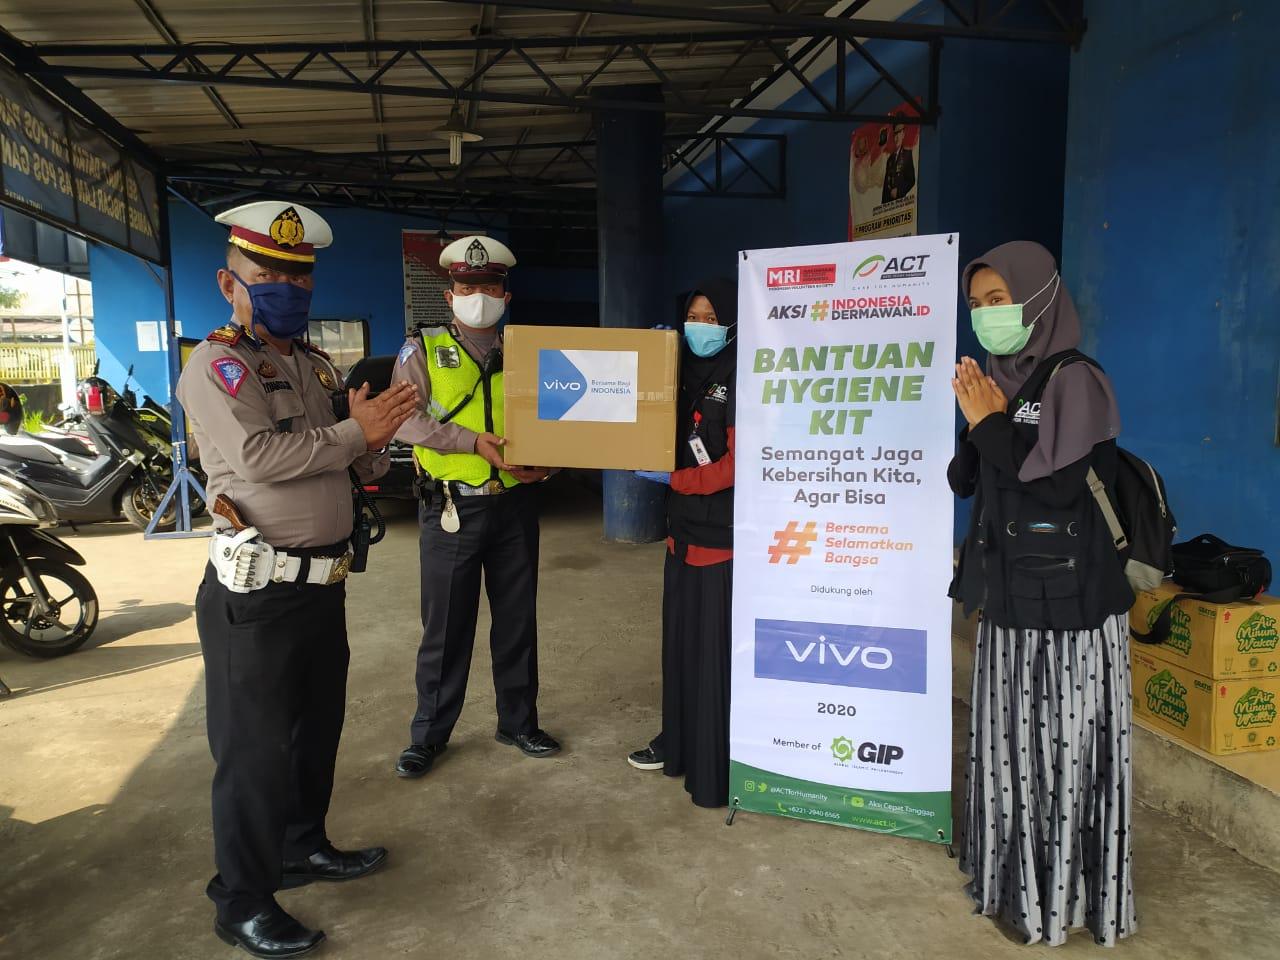 Aksi Cepat Tanggap (ACT) Bekasi Bagikan 28 ribu lembar masker gratis untuk Warga Kota Bekasi, Rabu (15/4).